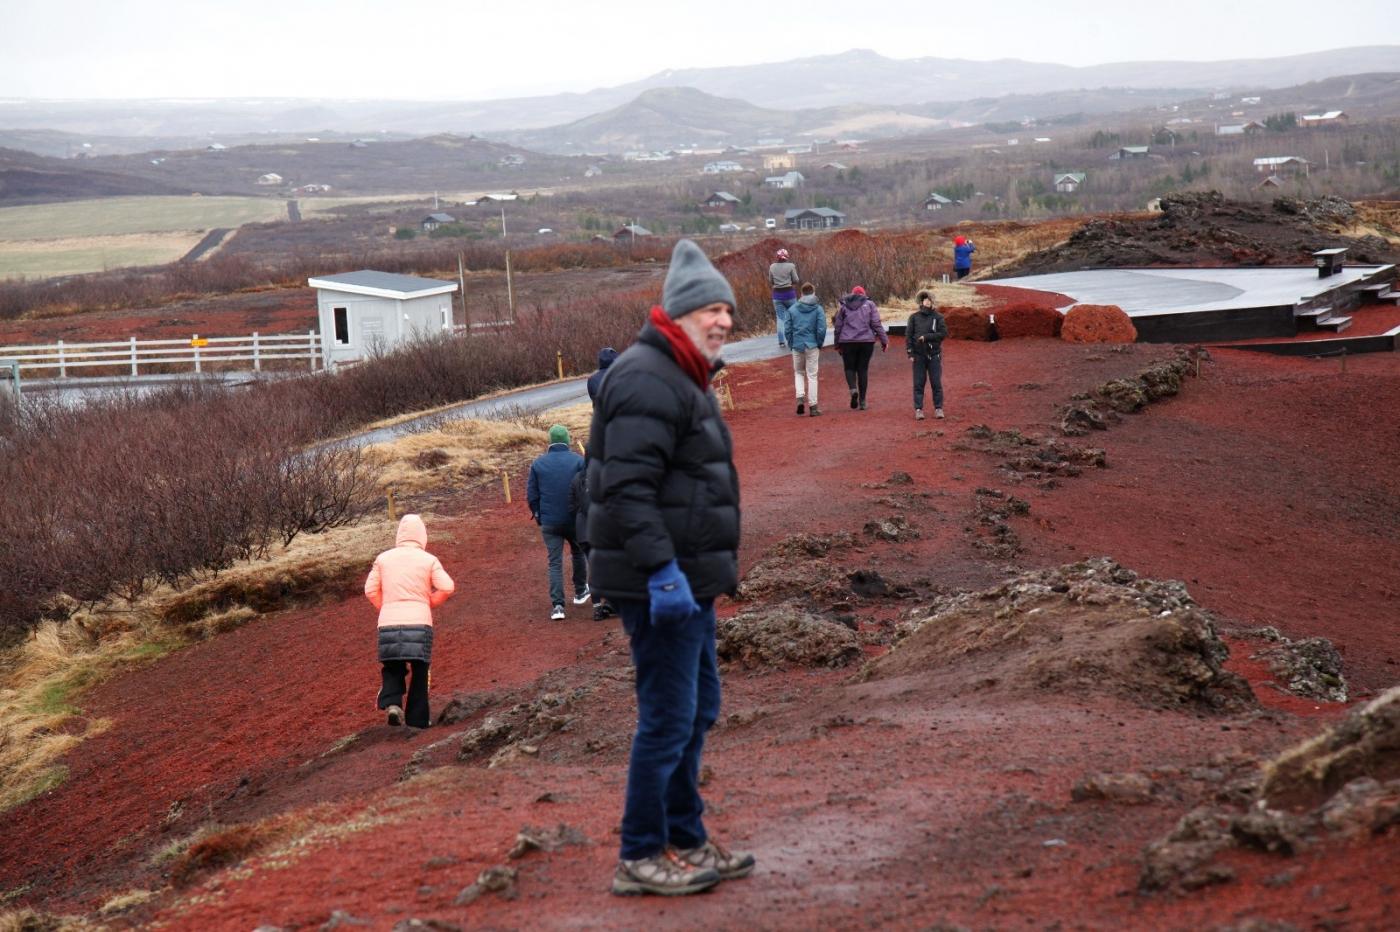 冰岛异国风情_图1-2